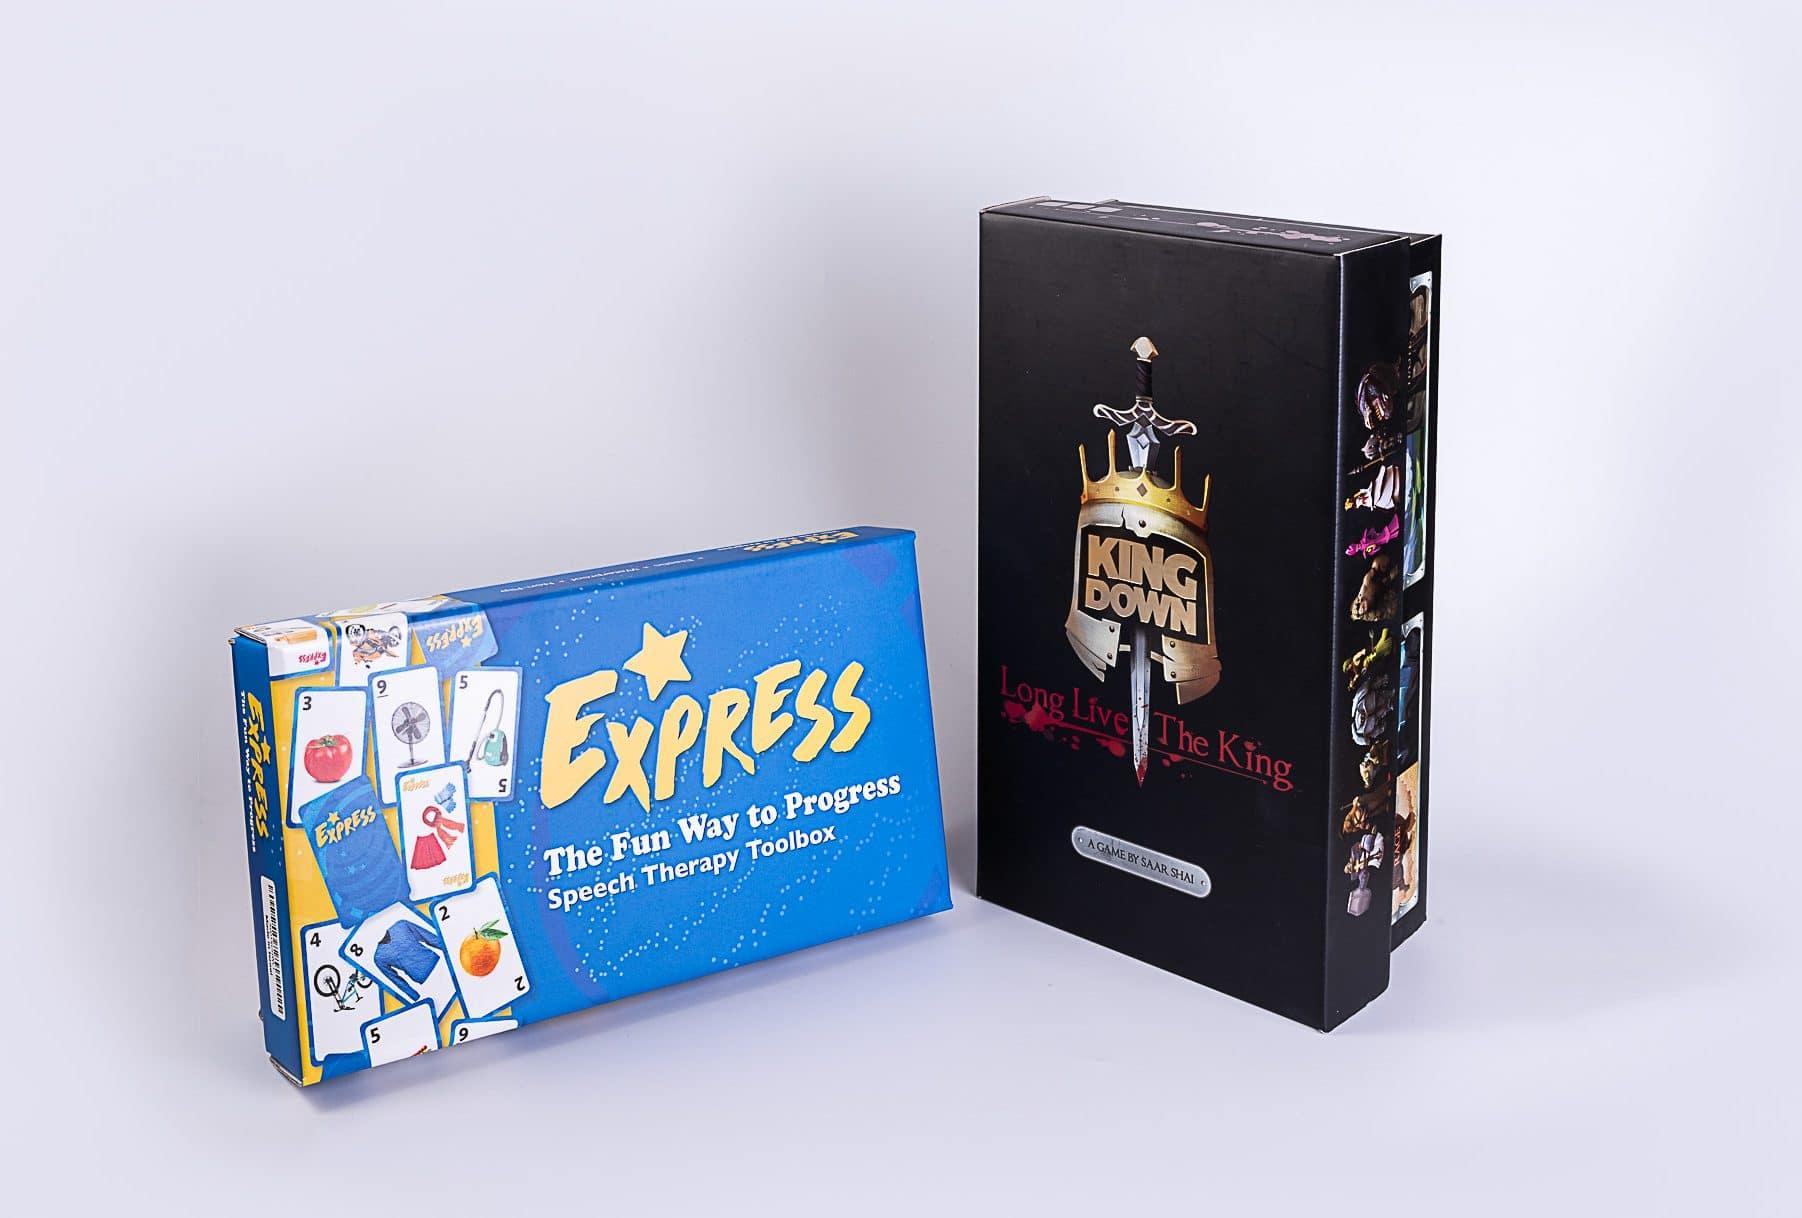 אריזות למשחקים מקרטון שהודפסו בדפוס דיגיטלי ודפוס אופסט